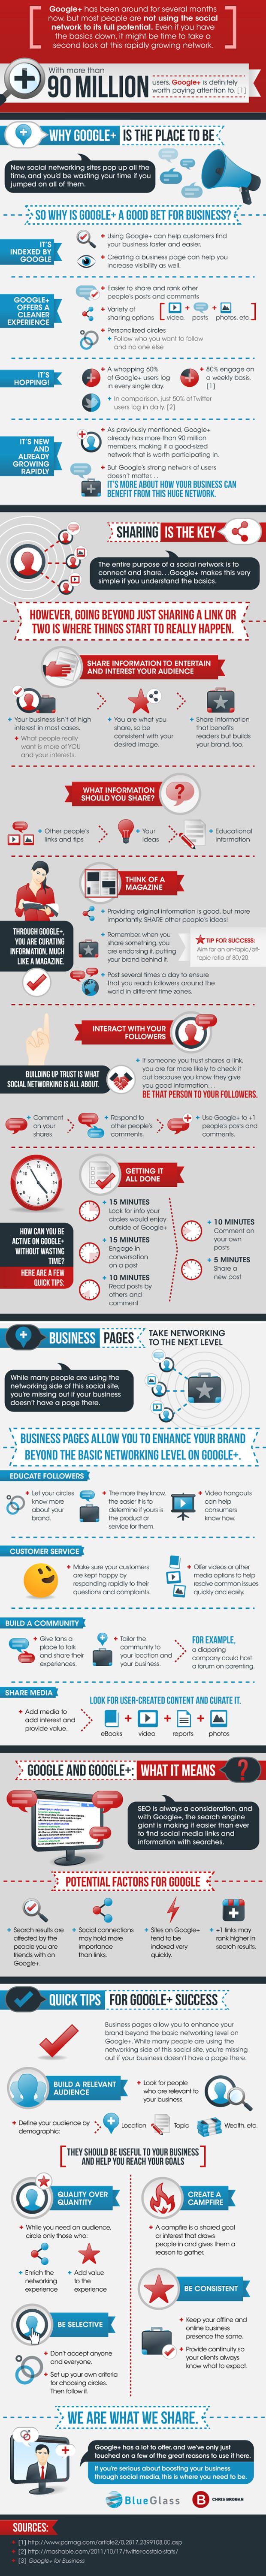 Cette infographie vous présente quelques clés pour mieux l'optimiser afin d'être plus efficace sur Google+.